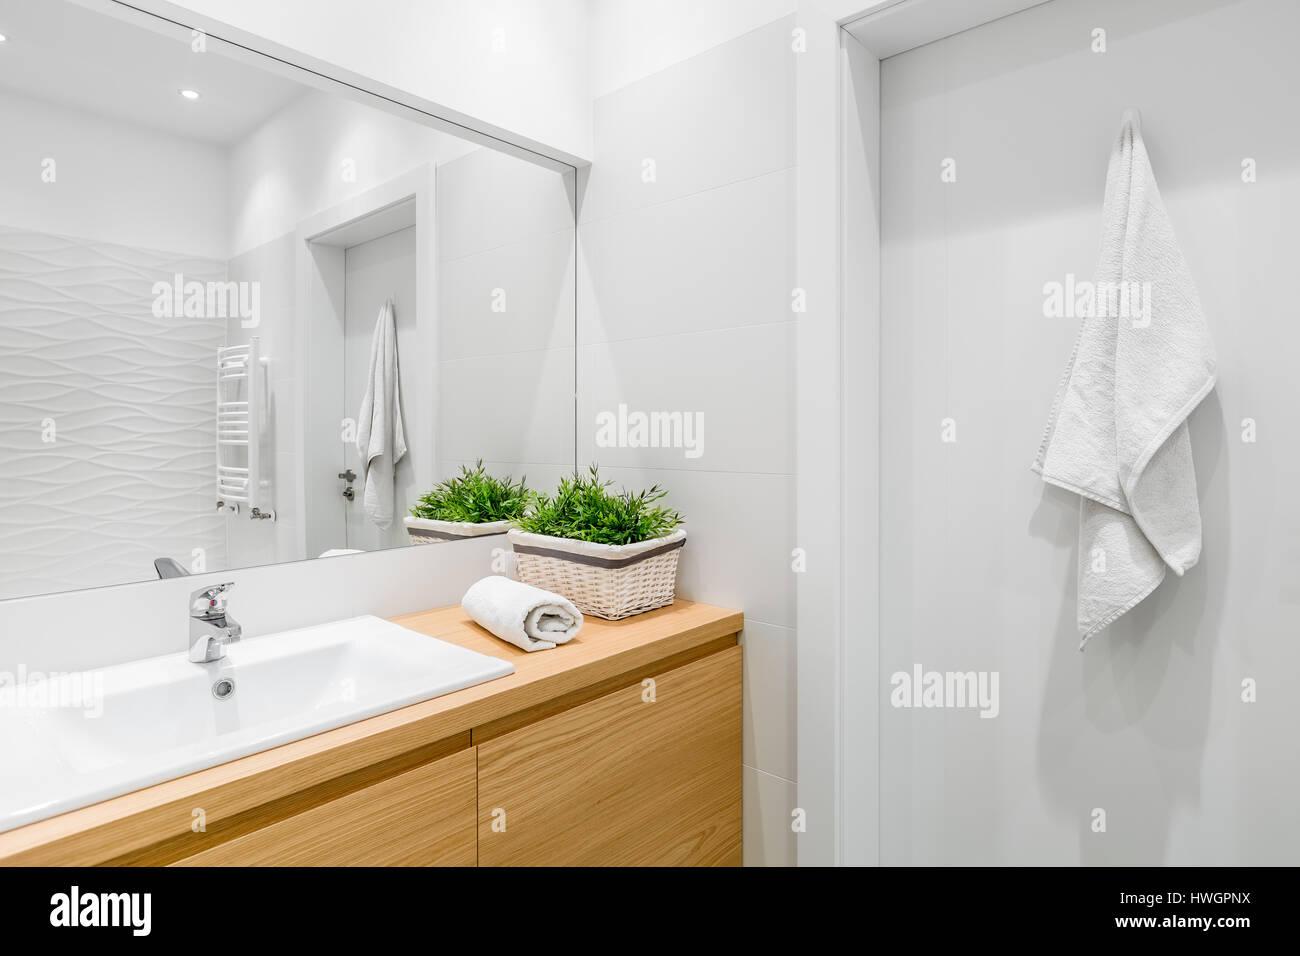 Helles Badezimmer Mit Strukturellen Fliesen Und Holz